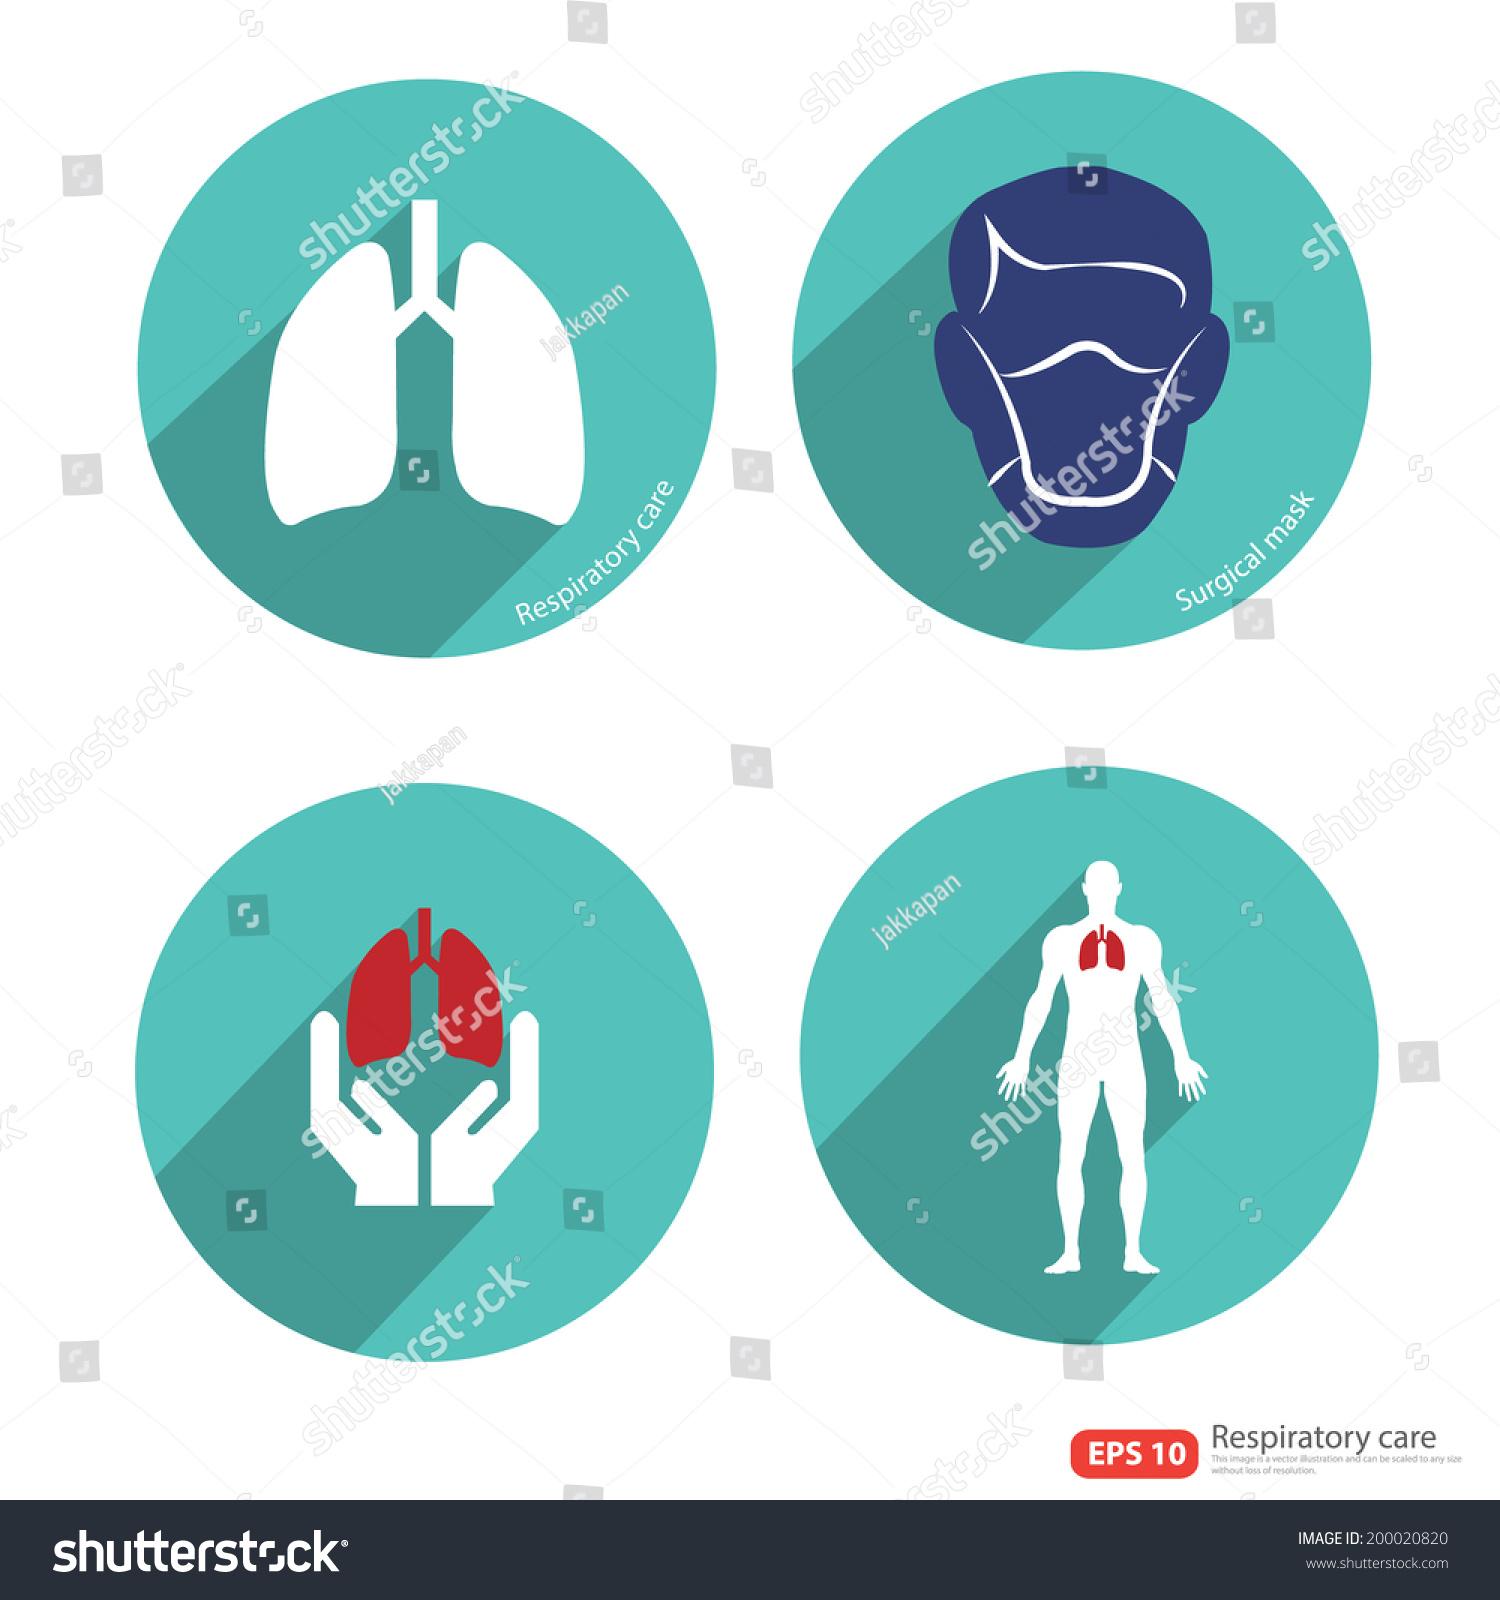 呼吸系统图标矢量与阴影-医疗保健,符号/标志-海洛()